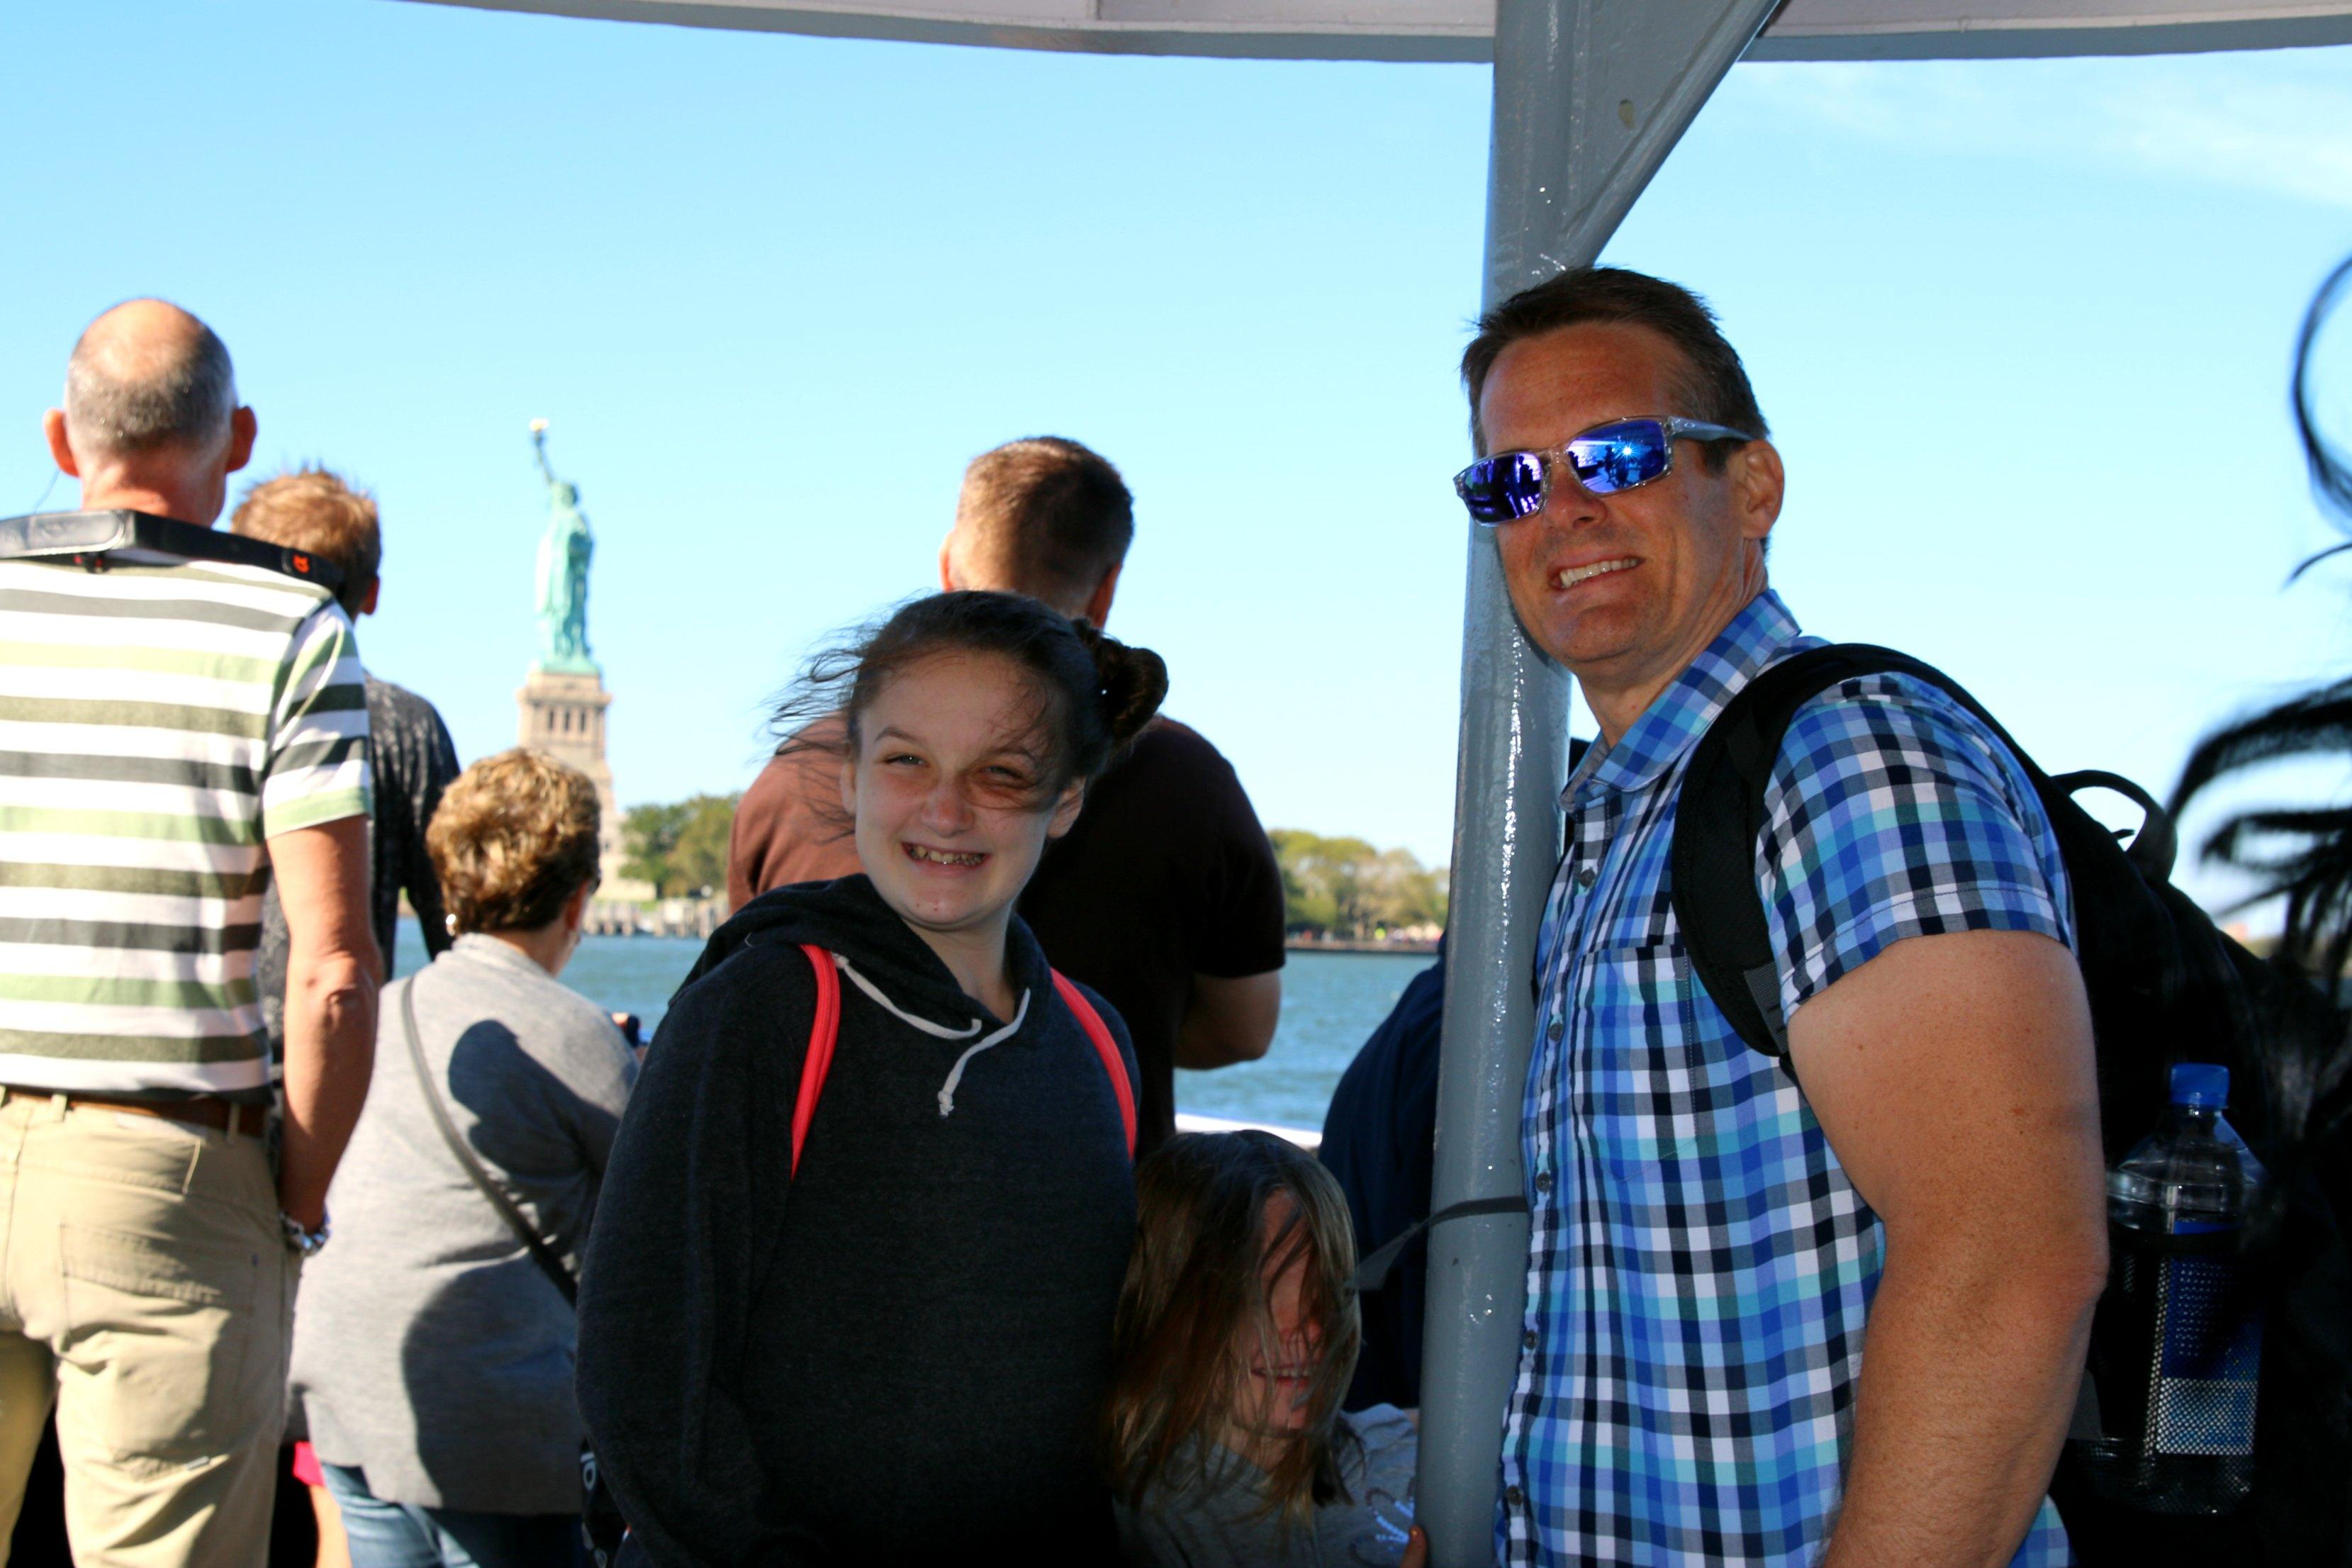 boat ride in new york